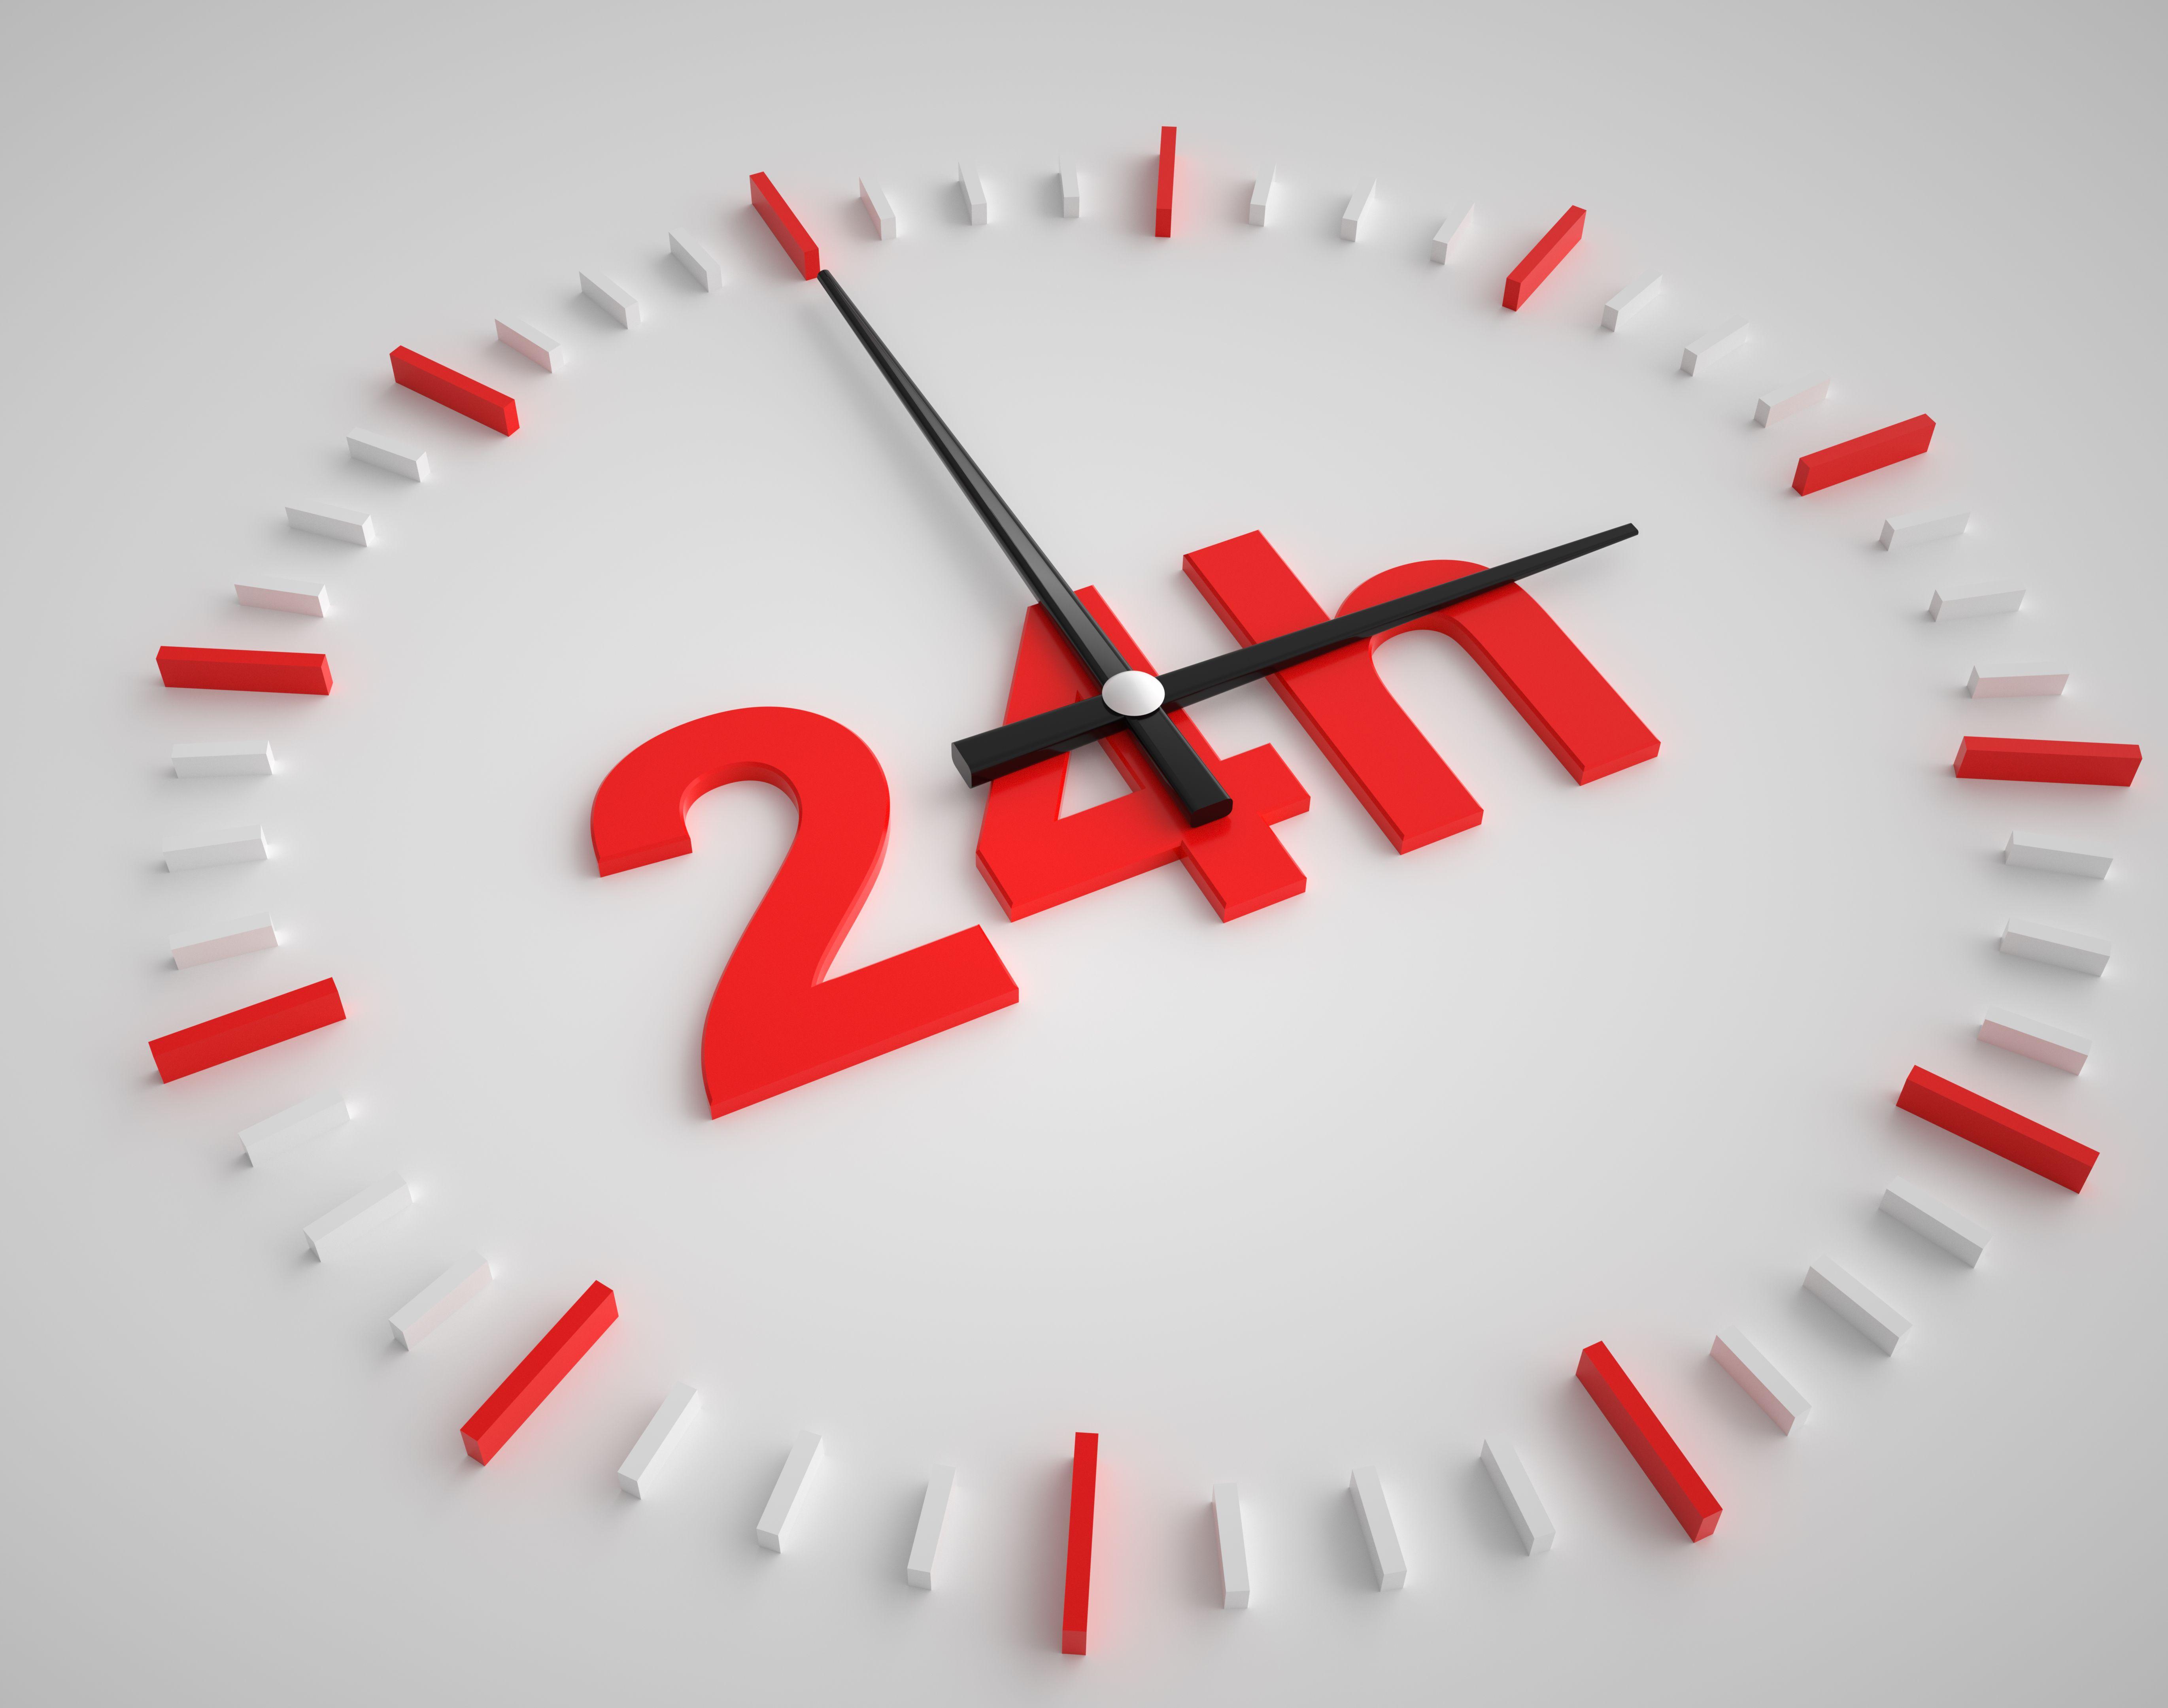 Cerrajería 24 horas: Servicios de Serralleria, C.P.G.